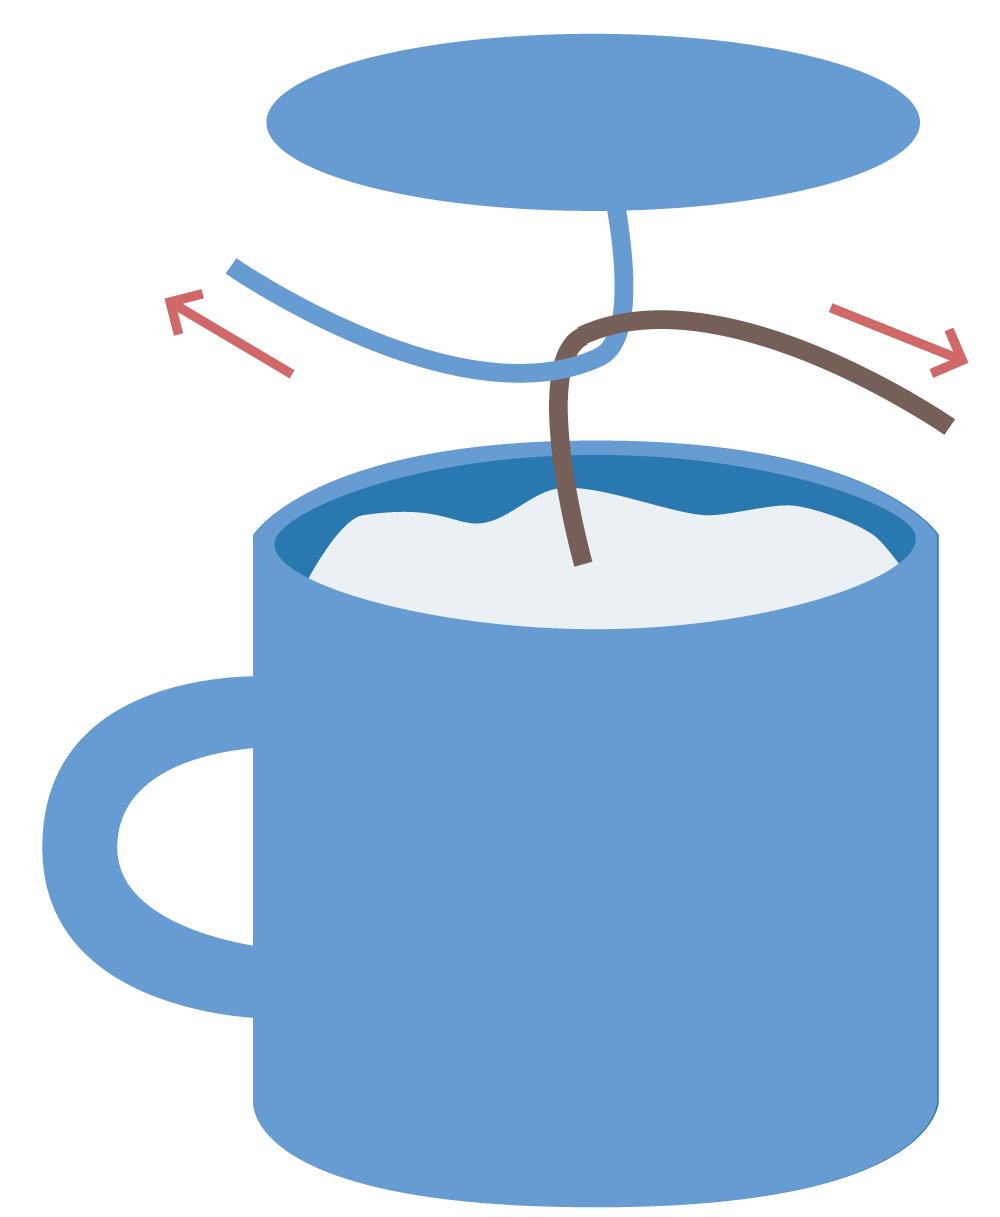 Tasse clipart  Mini tasse au crochet - Tutoriel gratuit - Petits Pixels